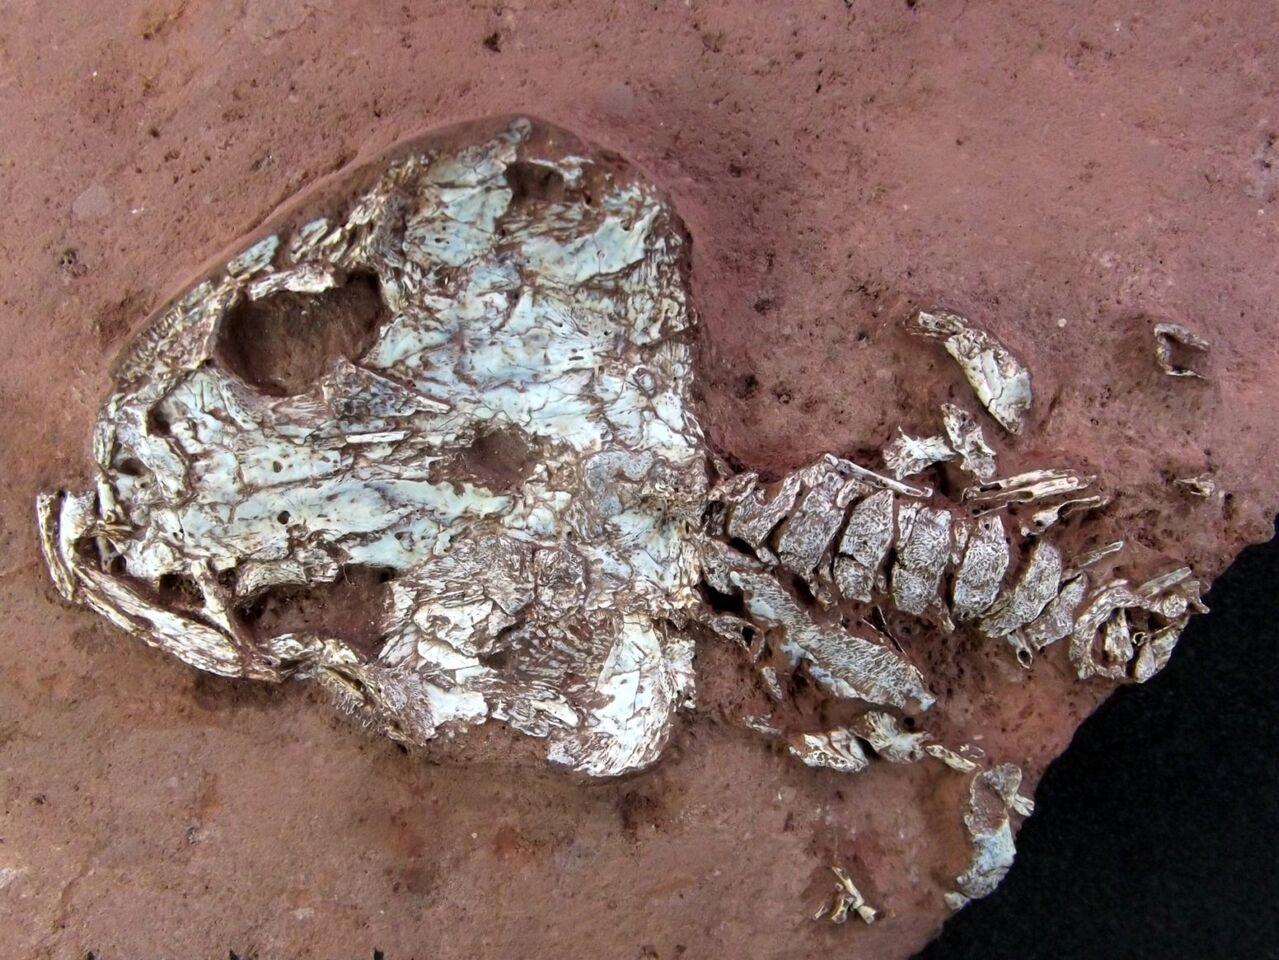 Crânio e parte do esqueleto do Timonya anneae (Foto: Juan Cisneros)